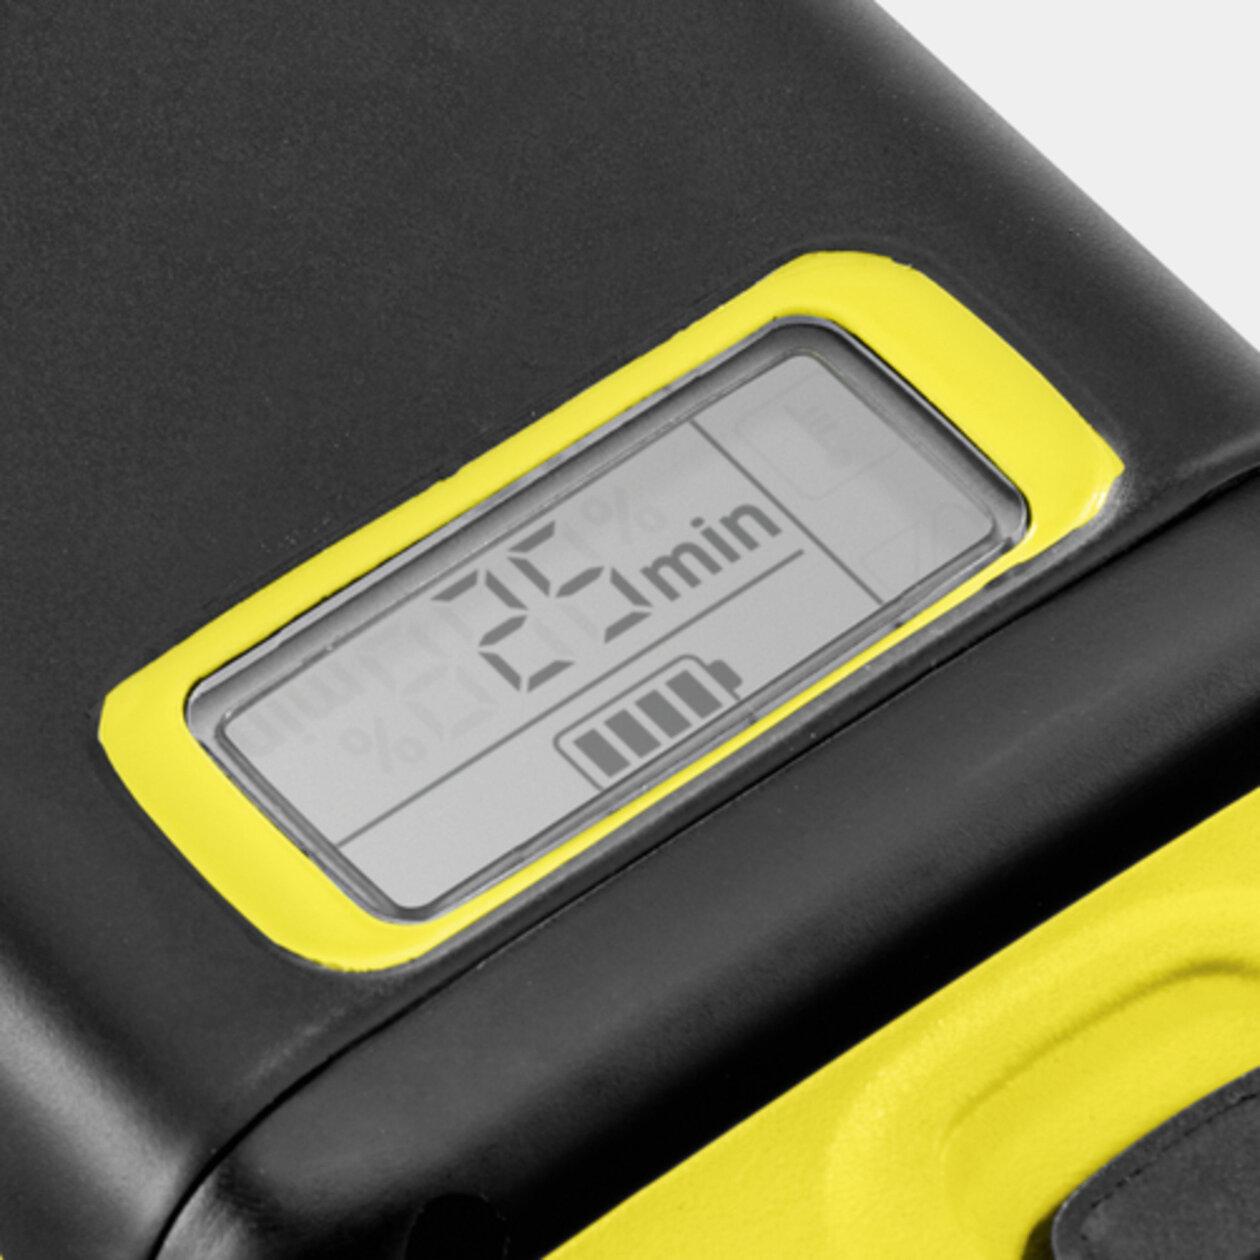 Аккумулятор 36 В 2,5 A: Инновационная технология реального времени